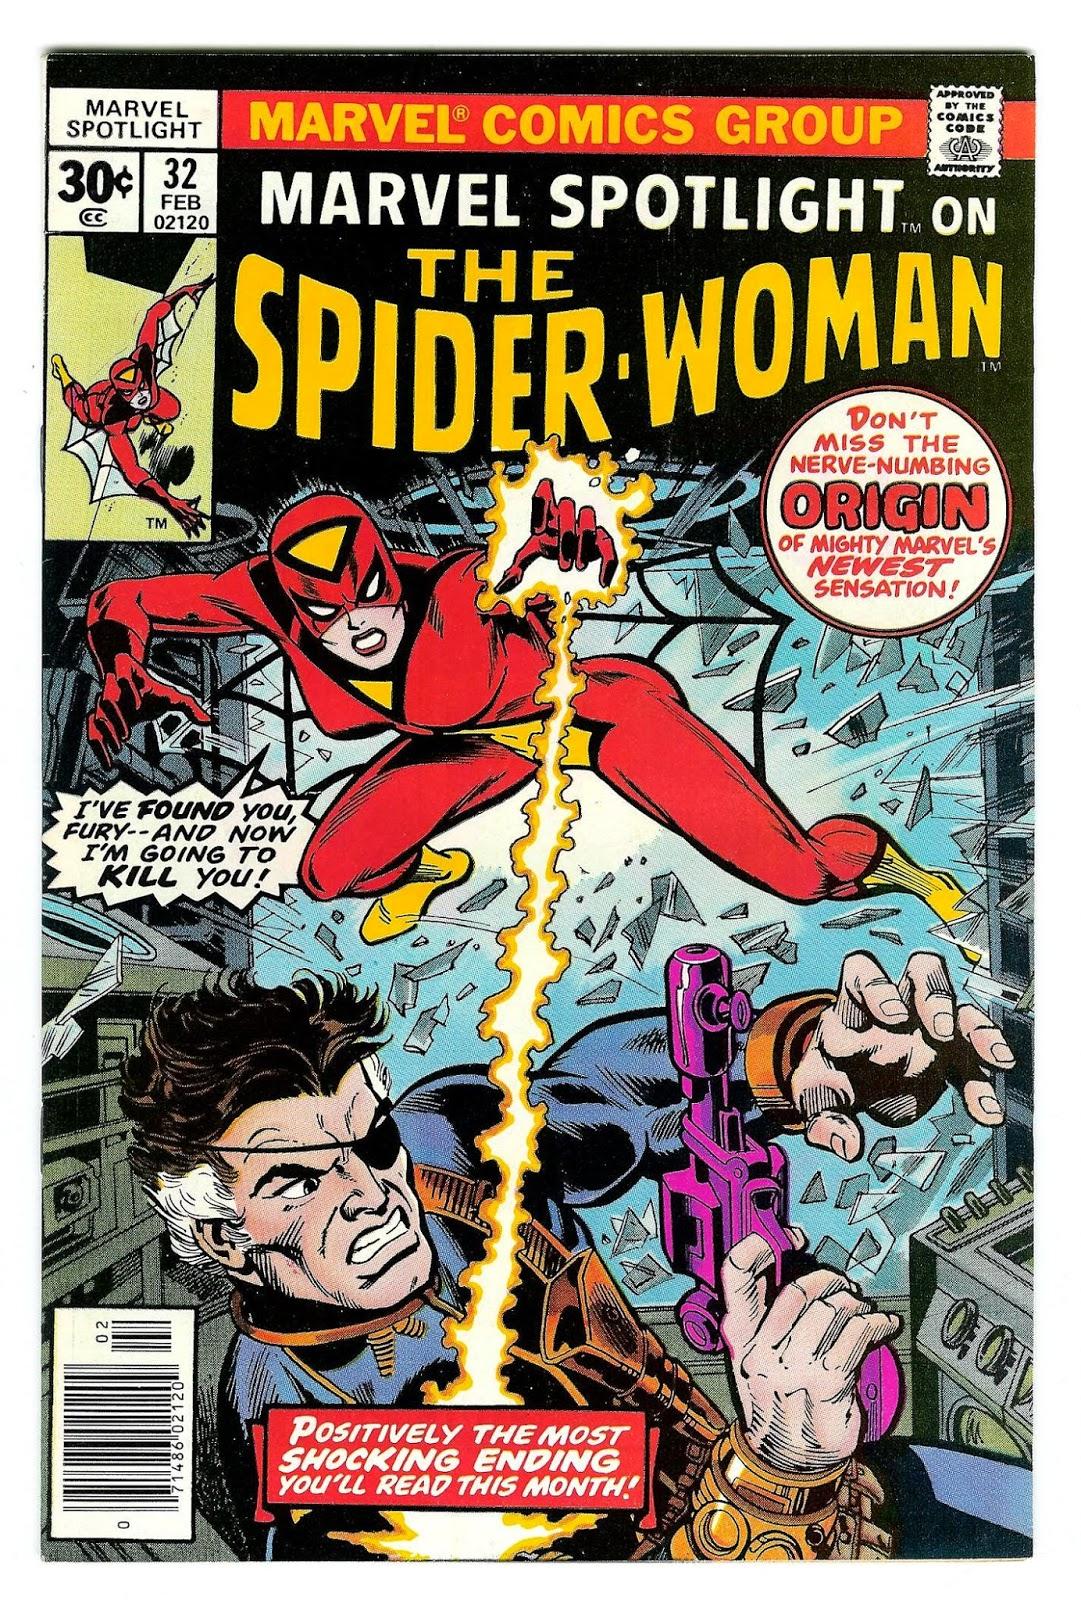 Marvel Spotlight 32 - Spider-Woman - Primera aparición